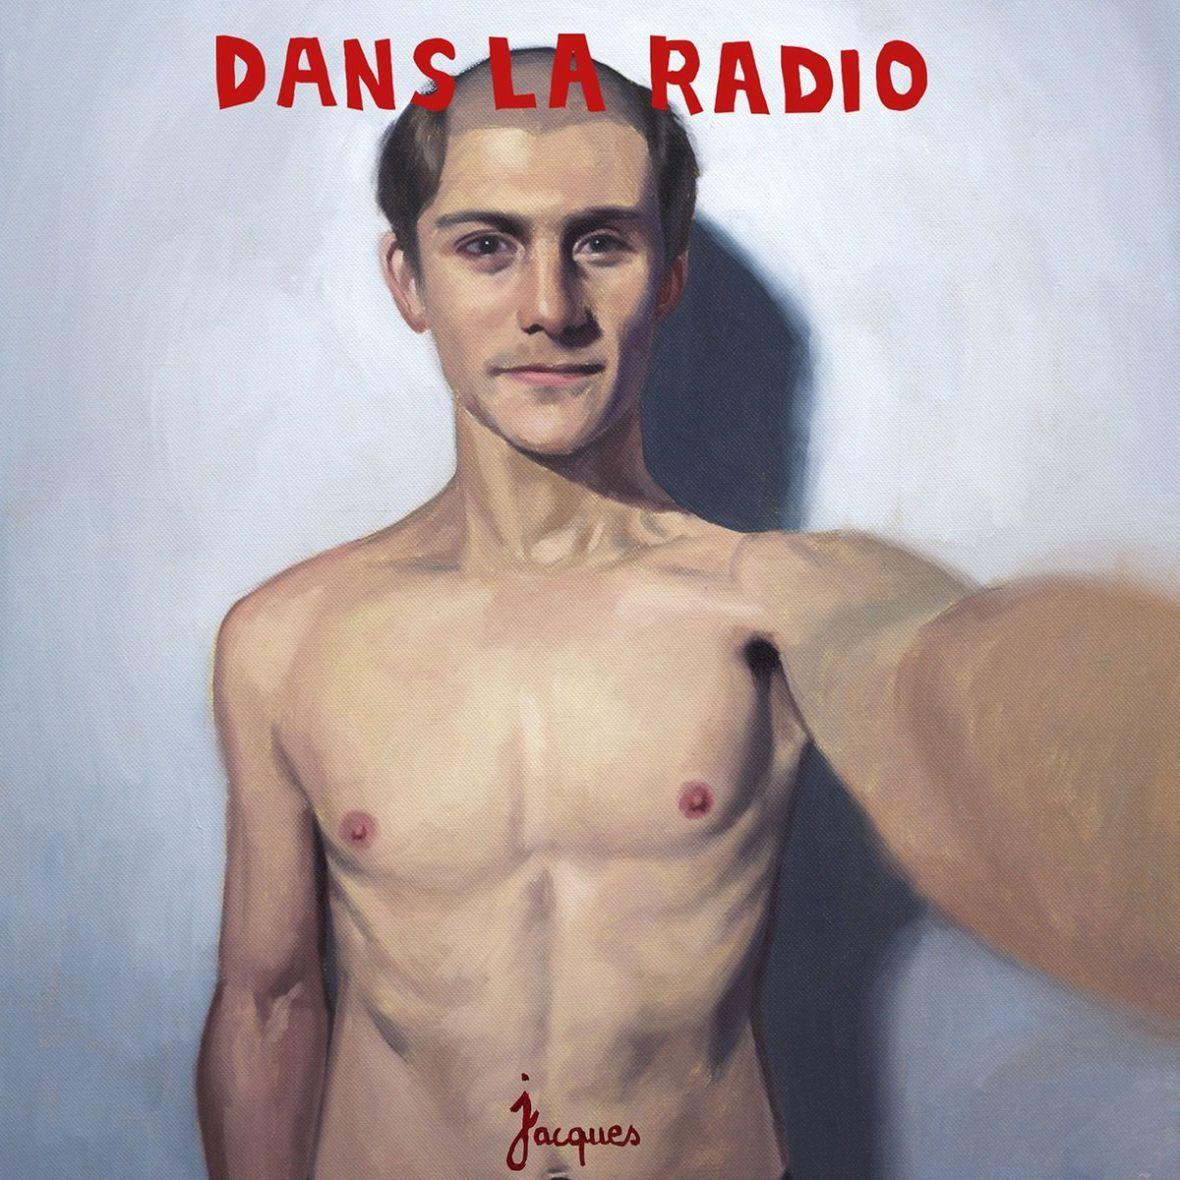 Jacques, Dans La Radio